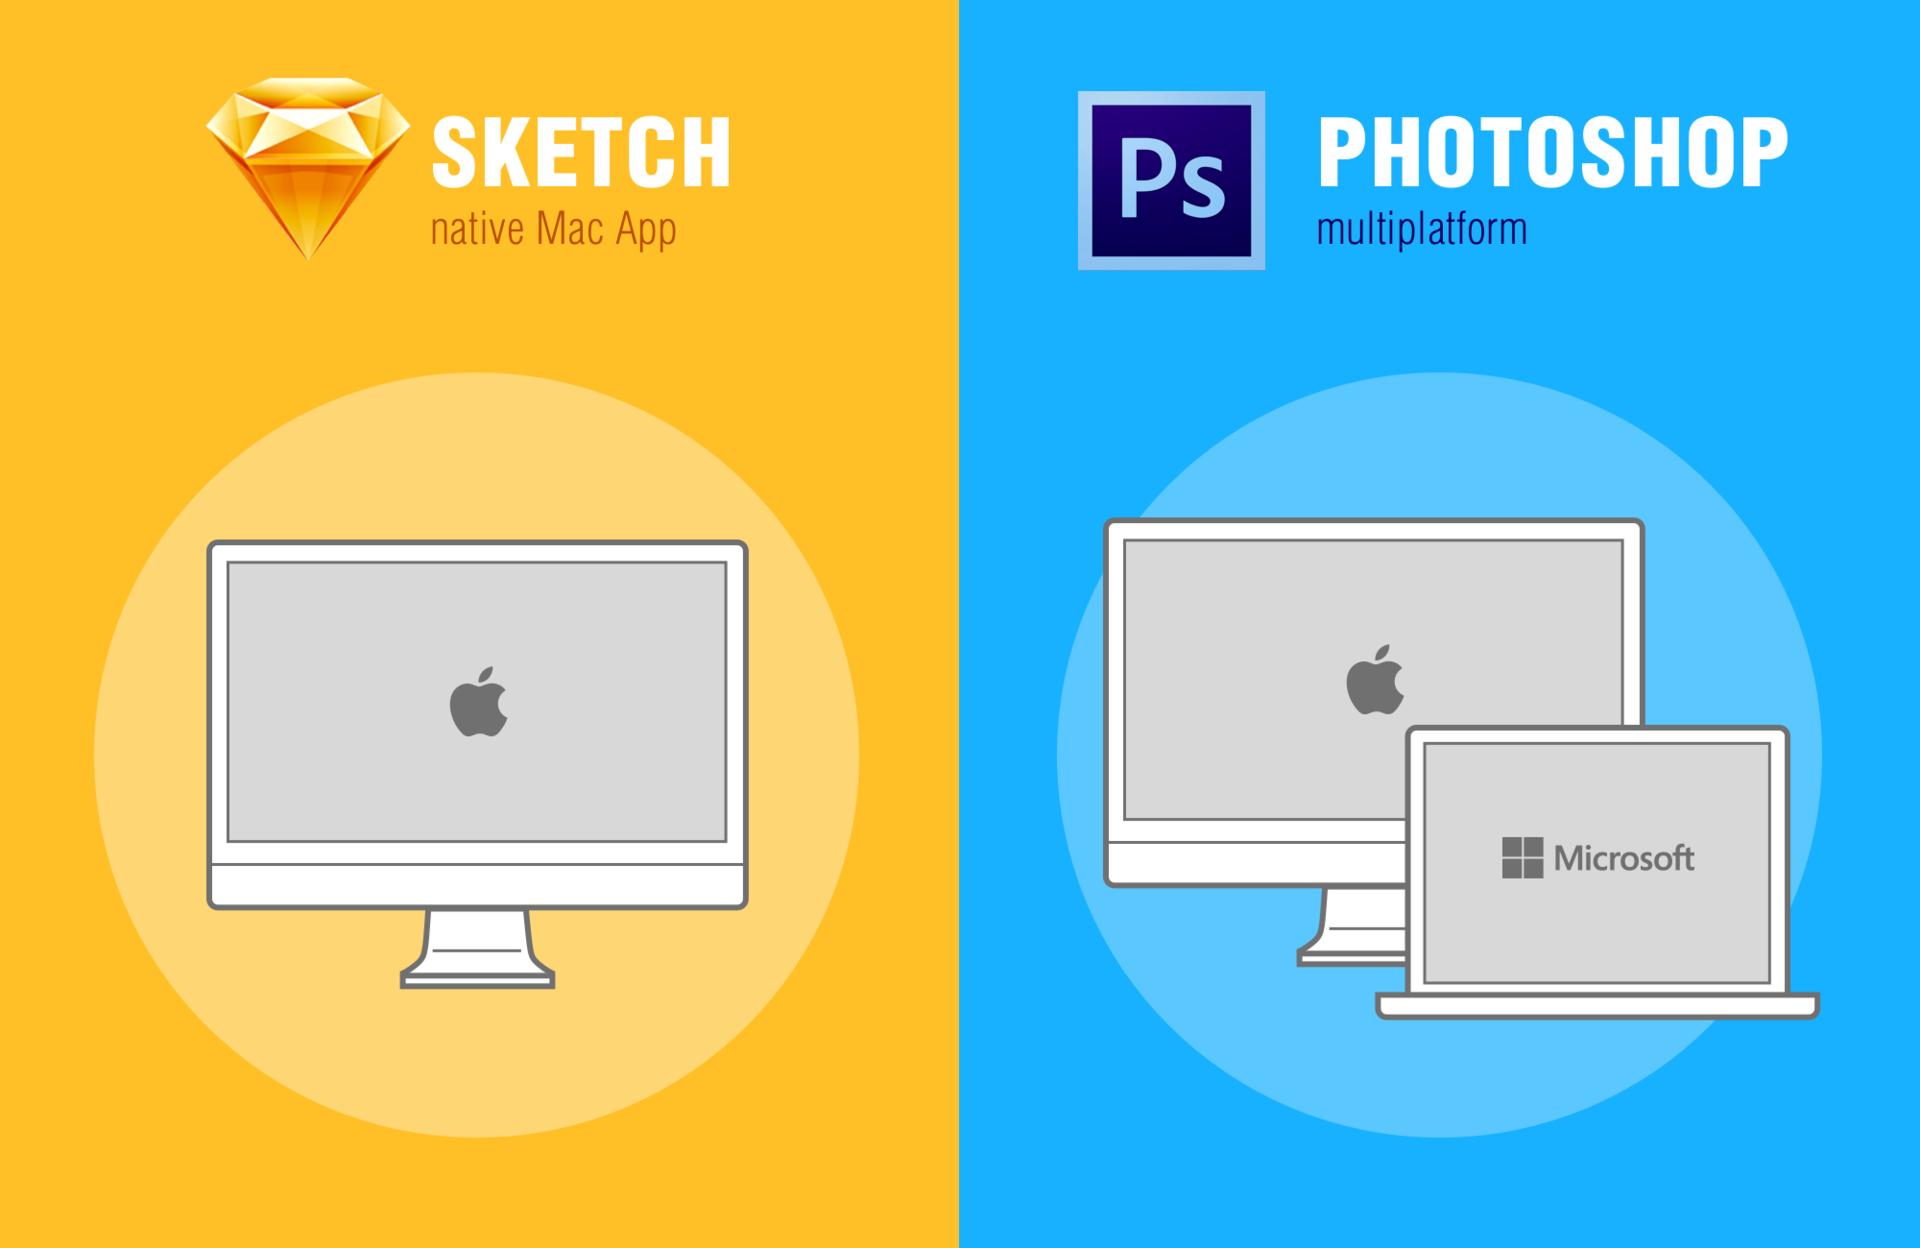 Photoshop, Sketch инструментарий UI-UX-дизайнеров: что выбрать для разработки интерфейсов? - 4